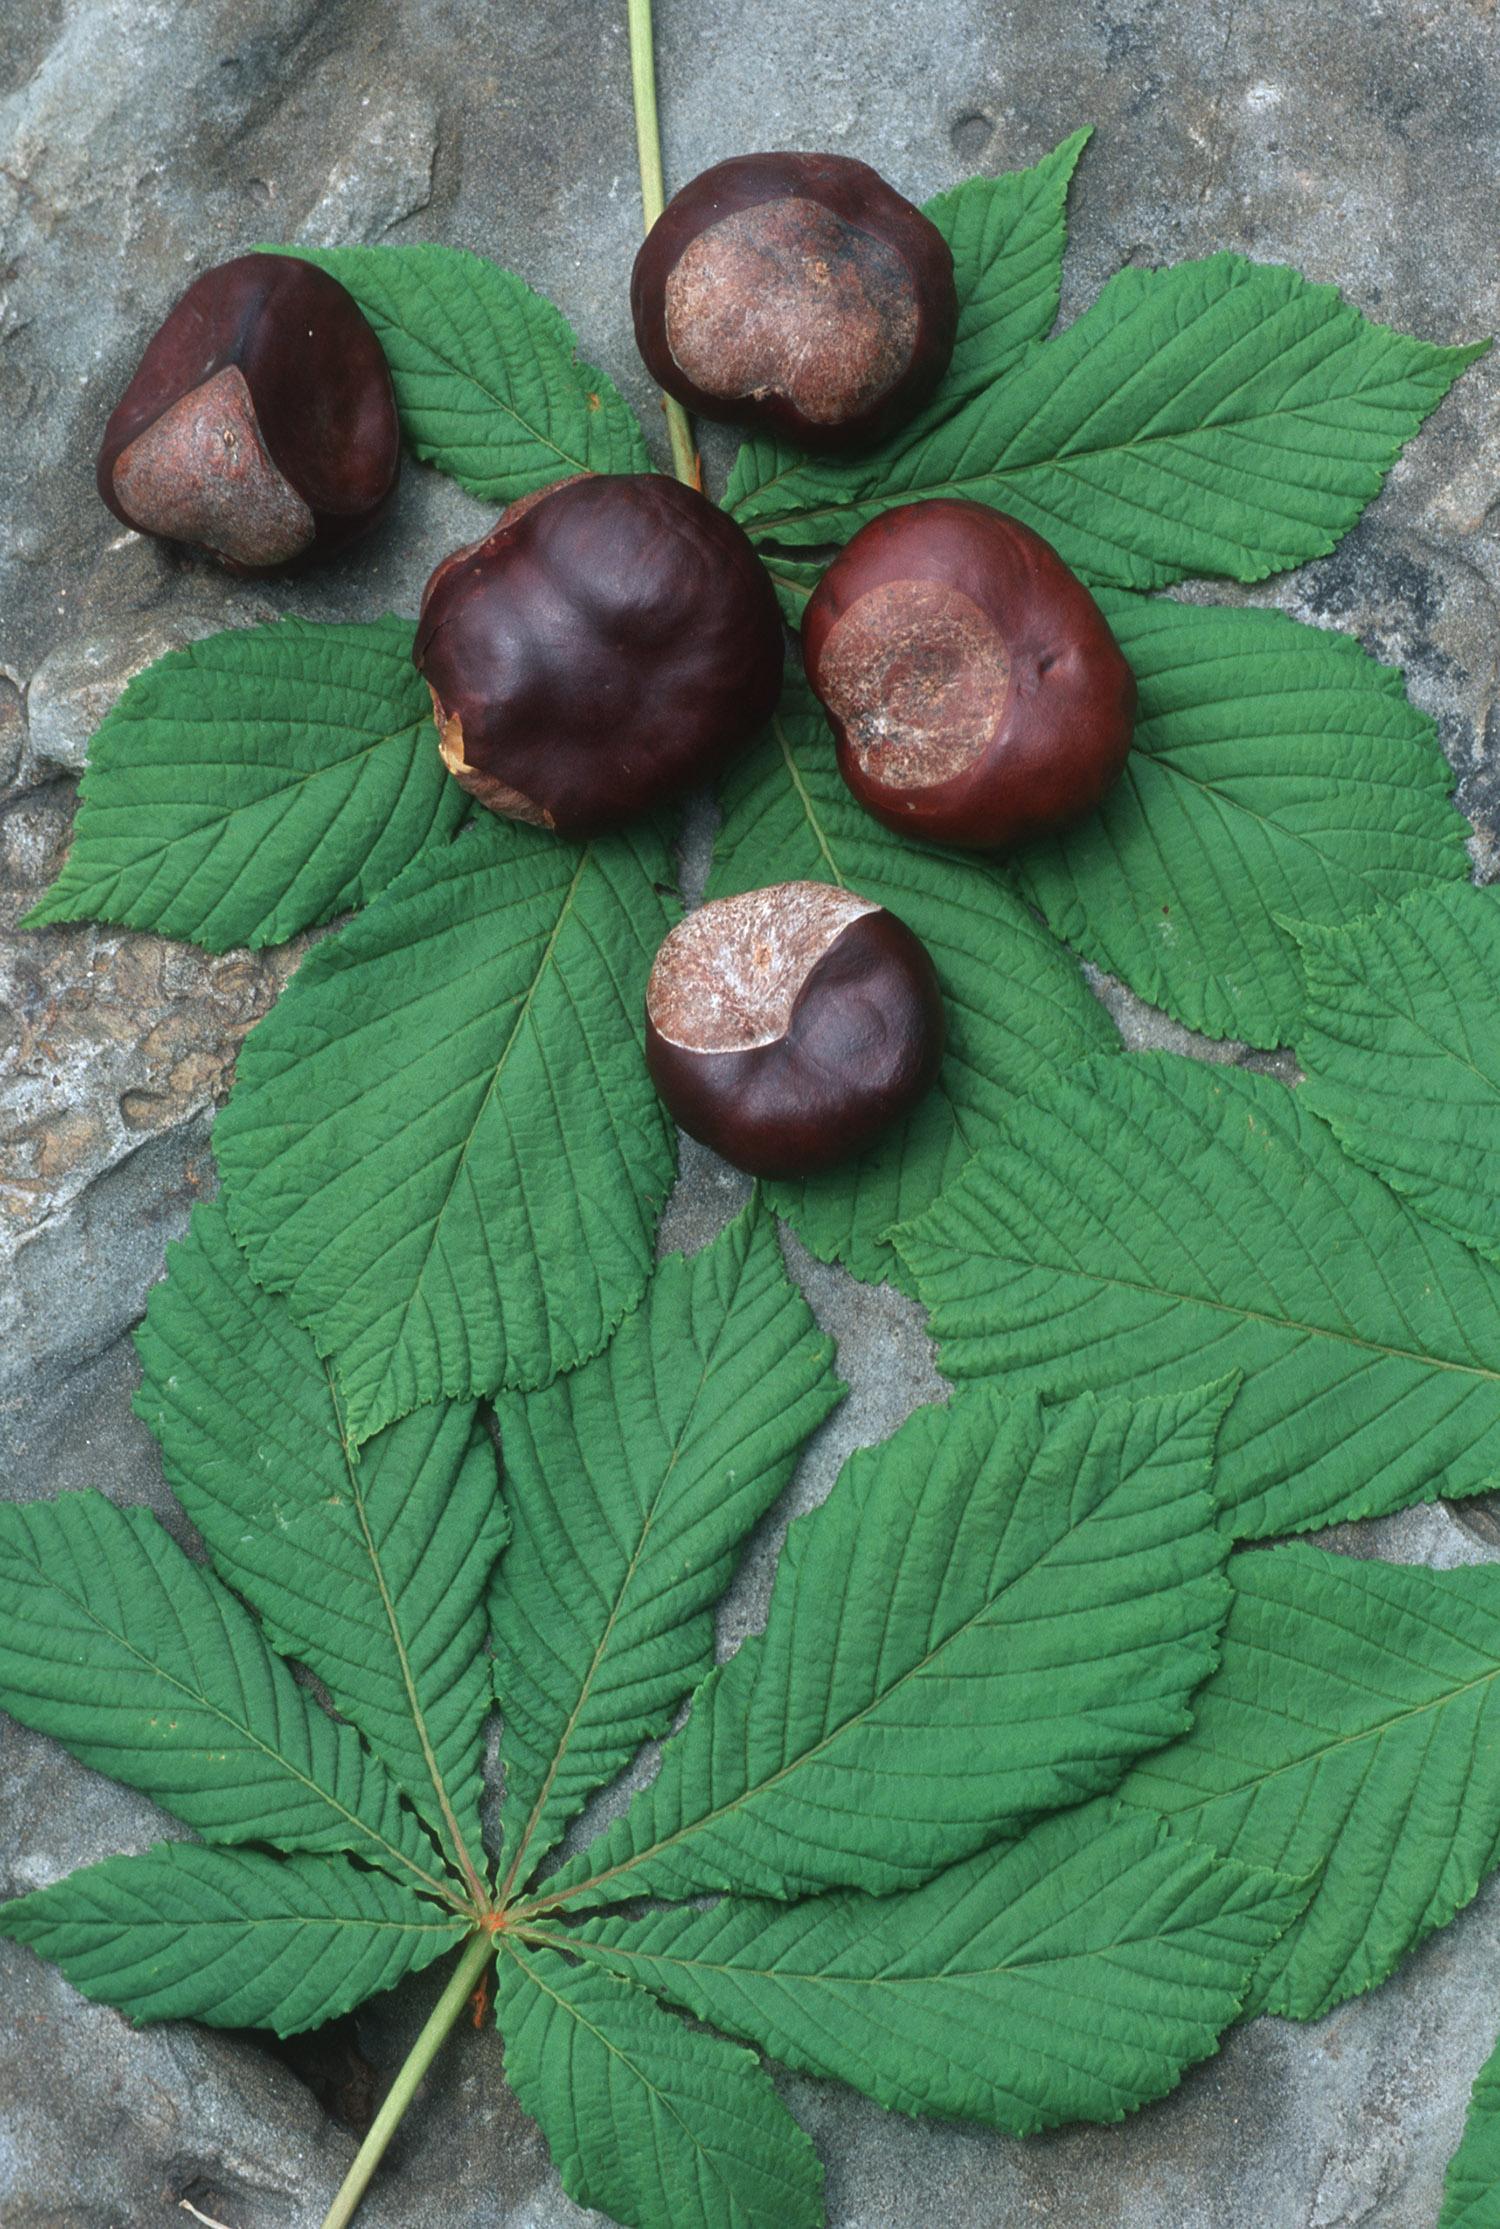 Horsechestnut for The chestnut